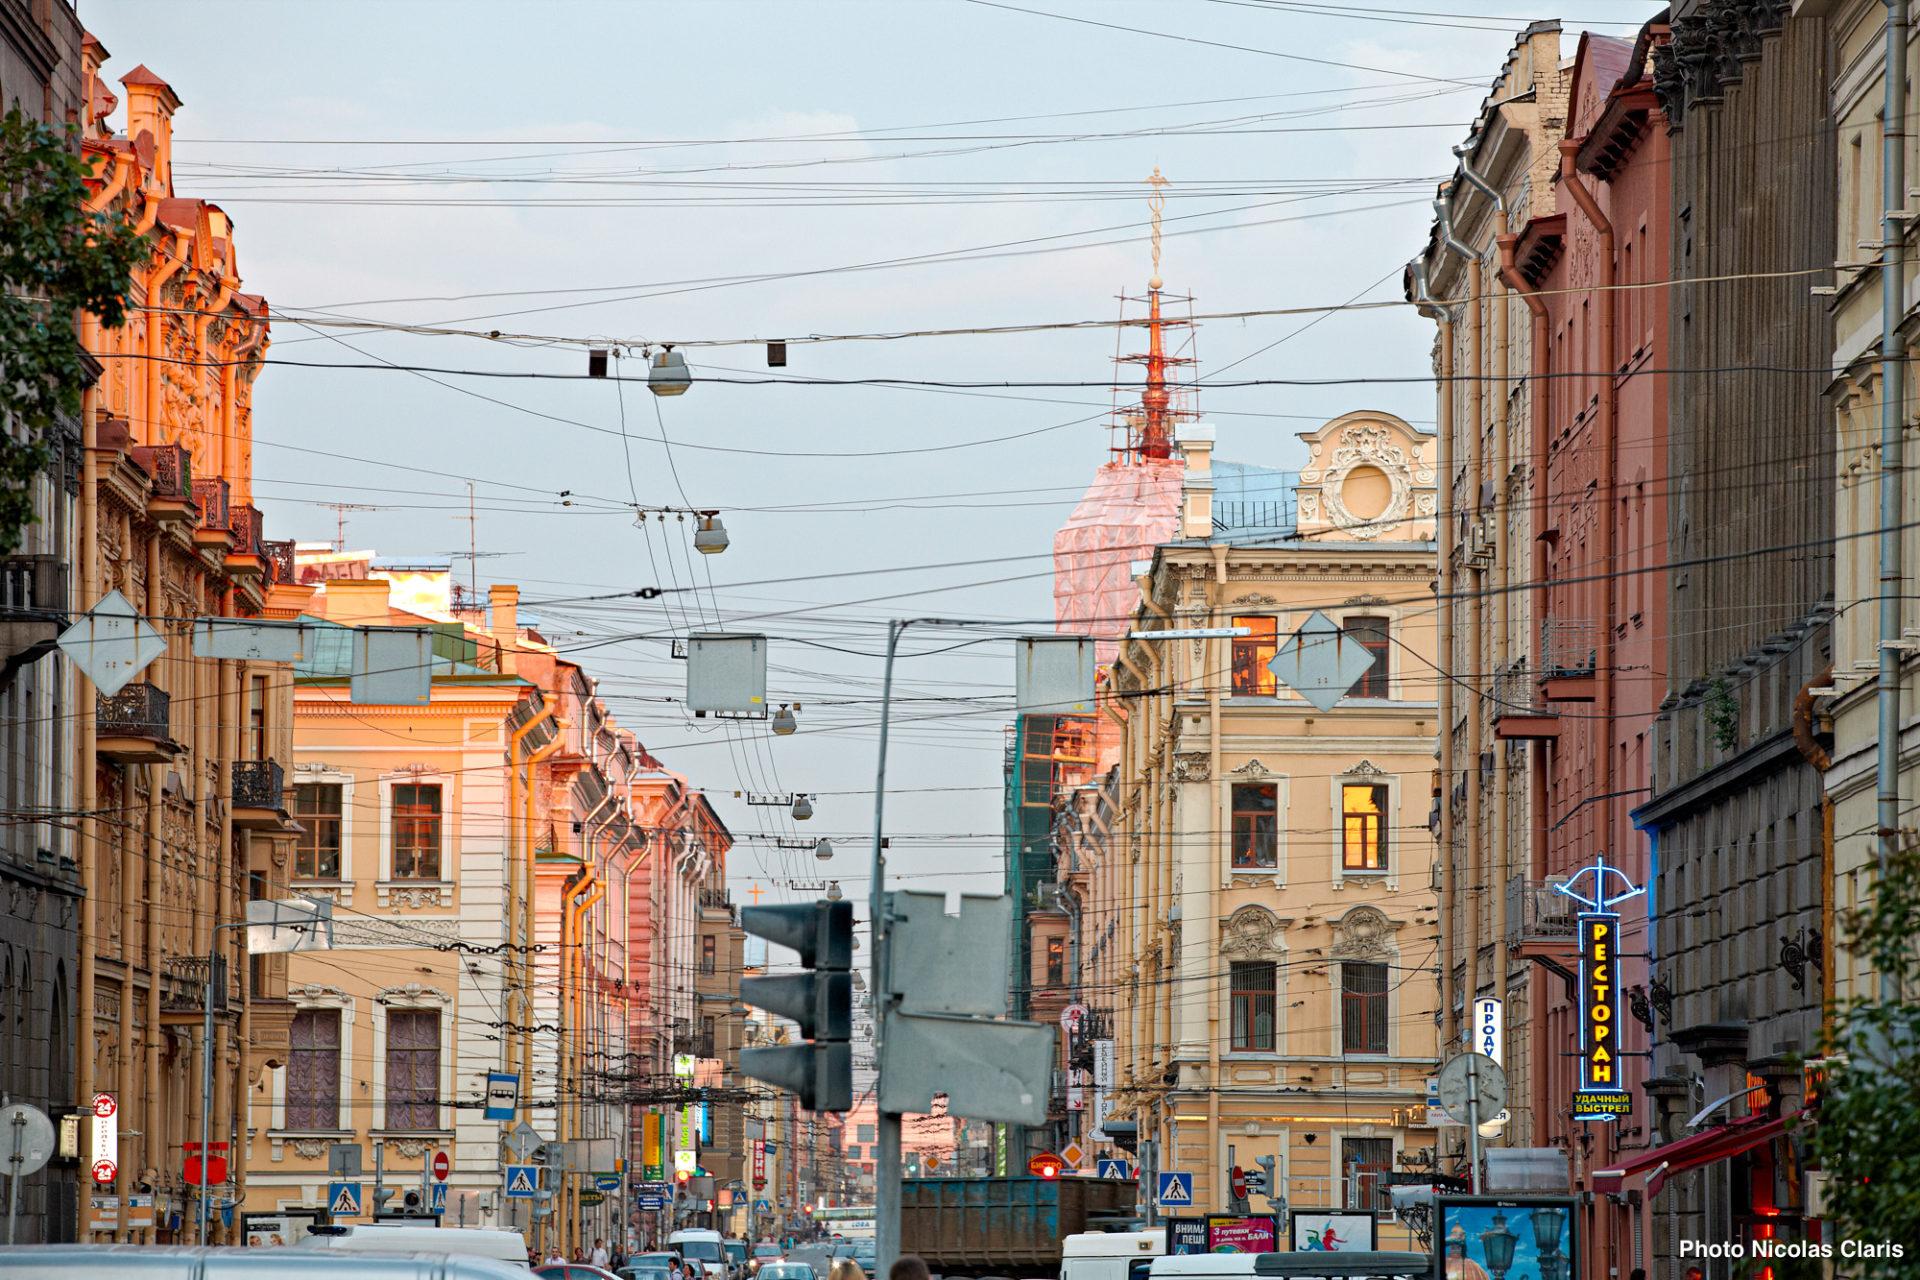 HD_Saint-Petersburg_City_45R10292